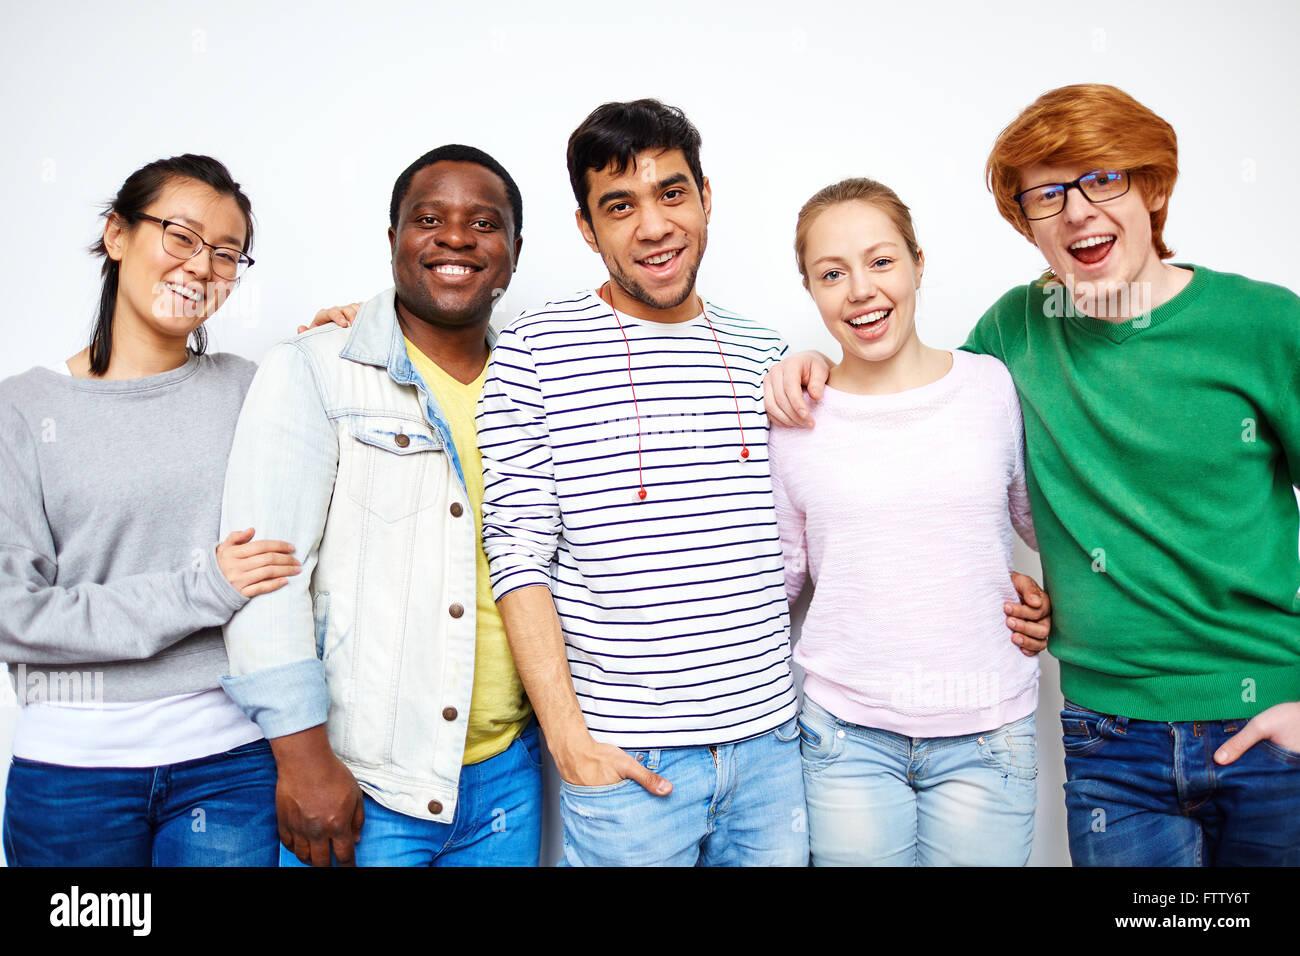 Les étudiants gais Banque D'Images